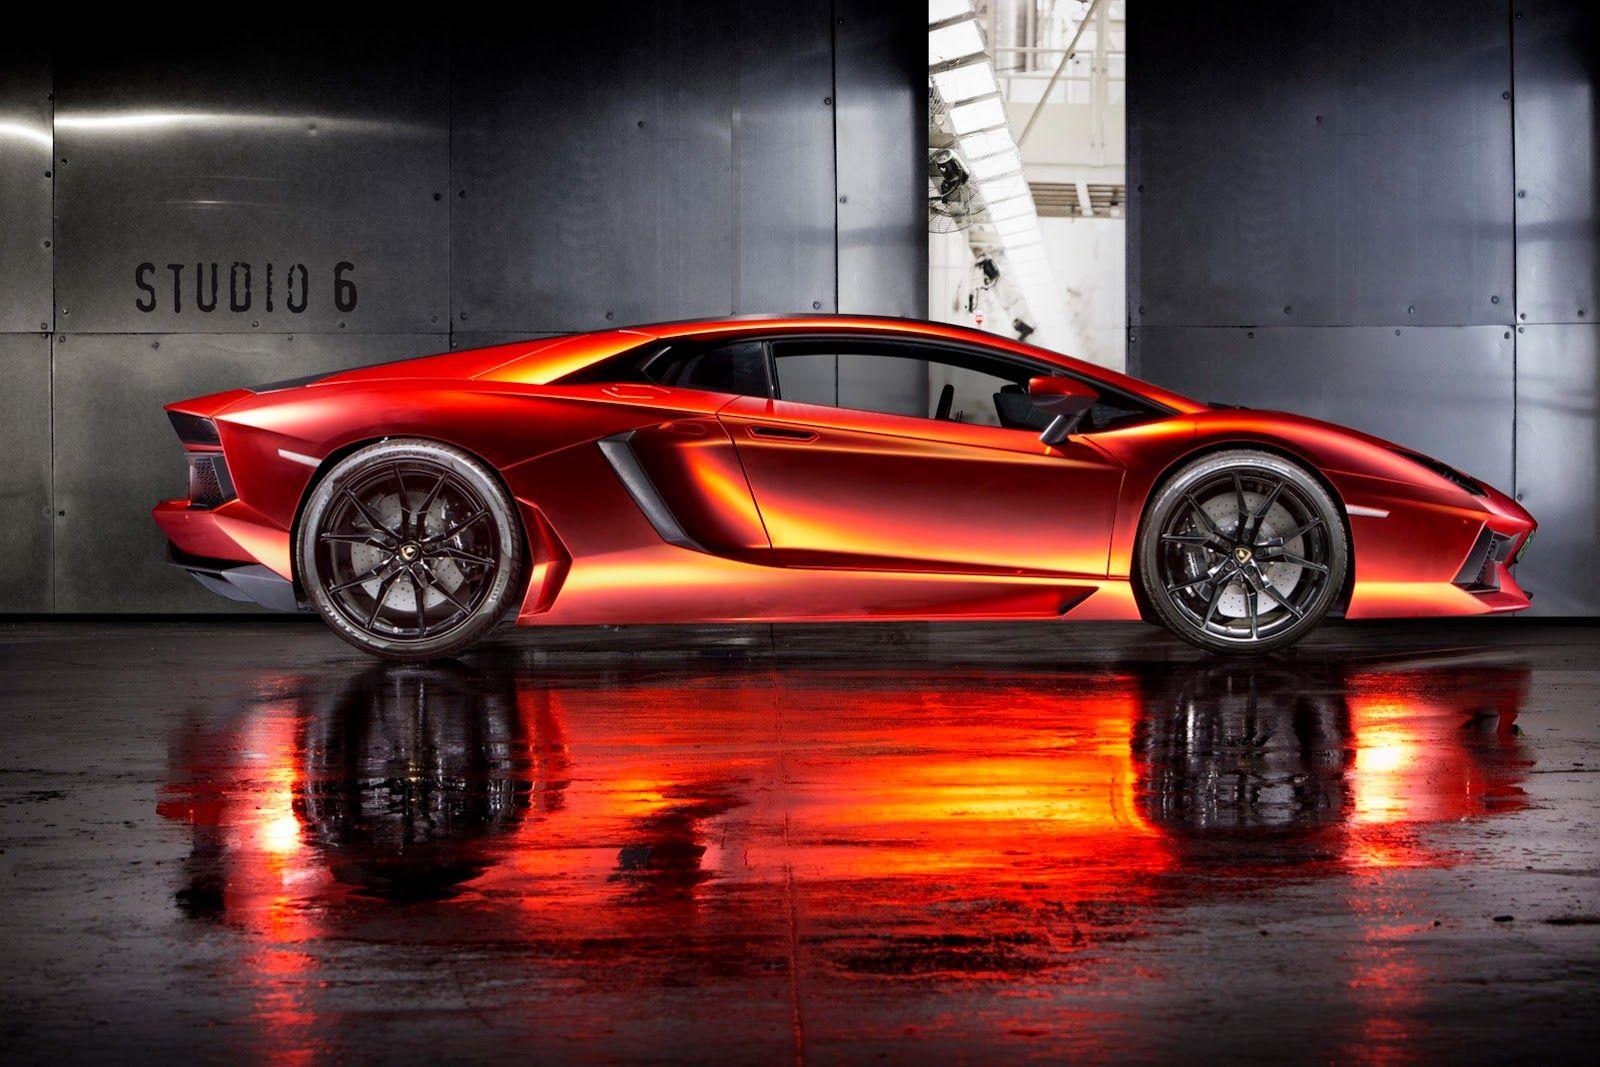 Aventador Matte OrangeRed Chrome Wrap Will